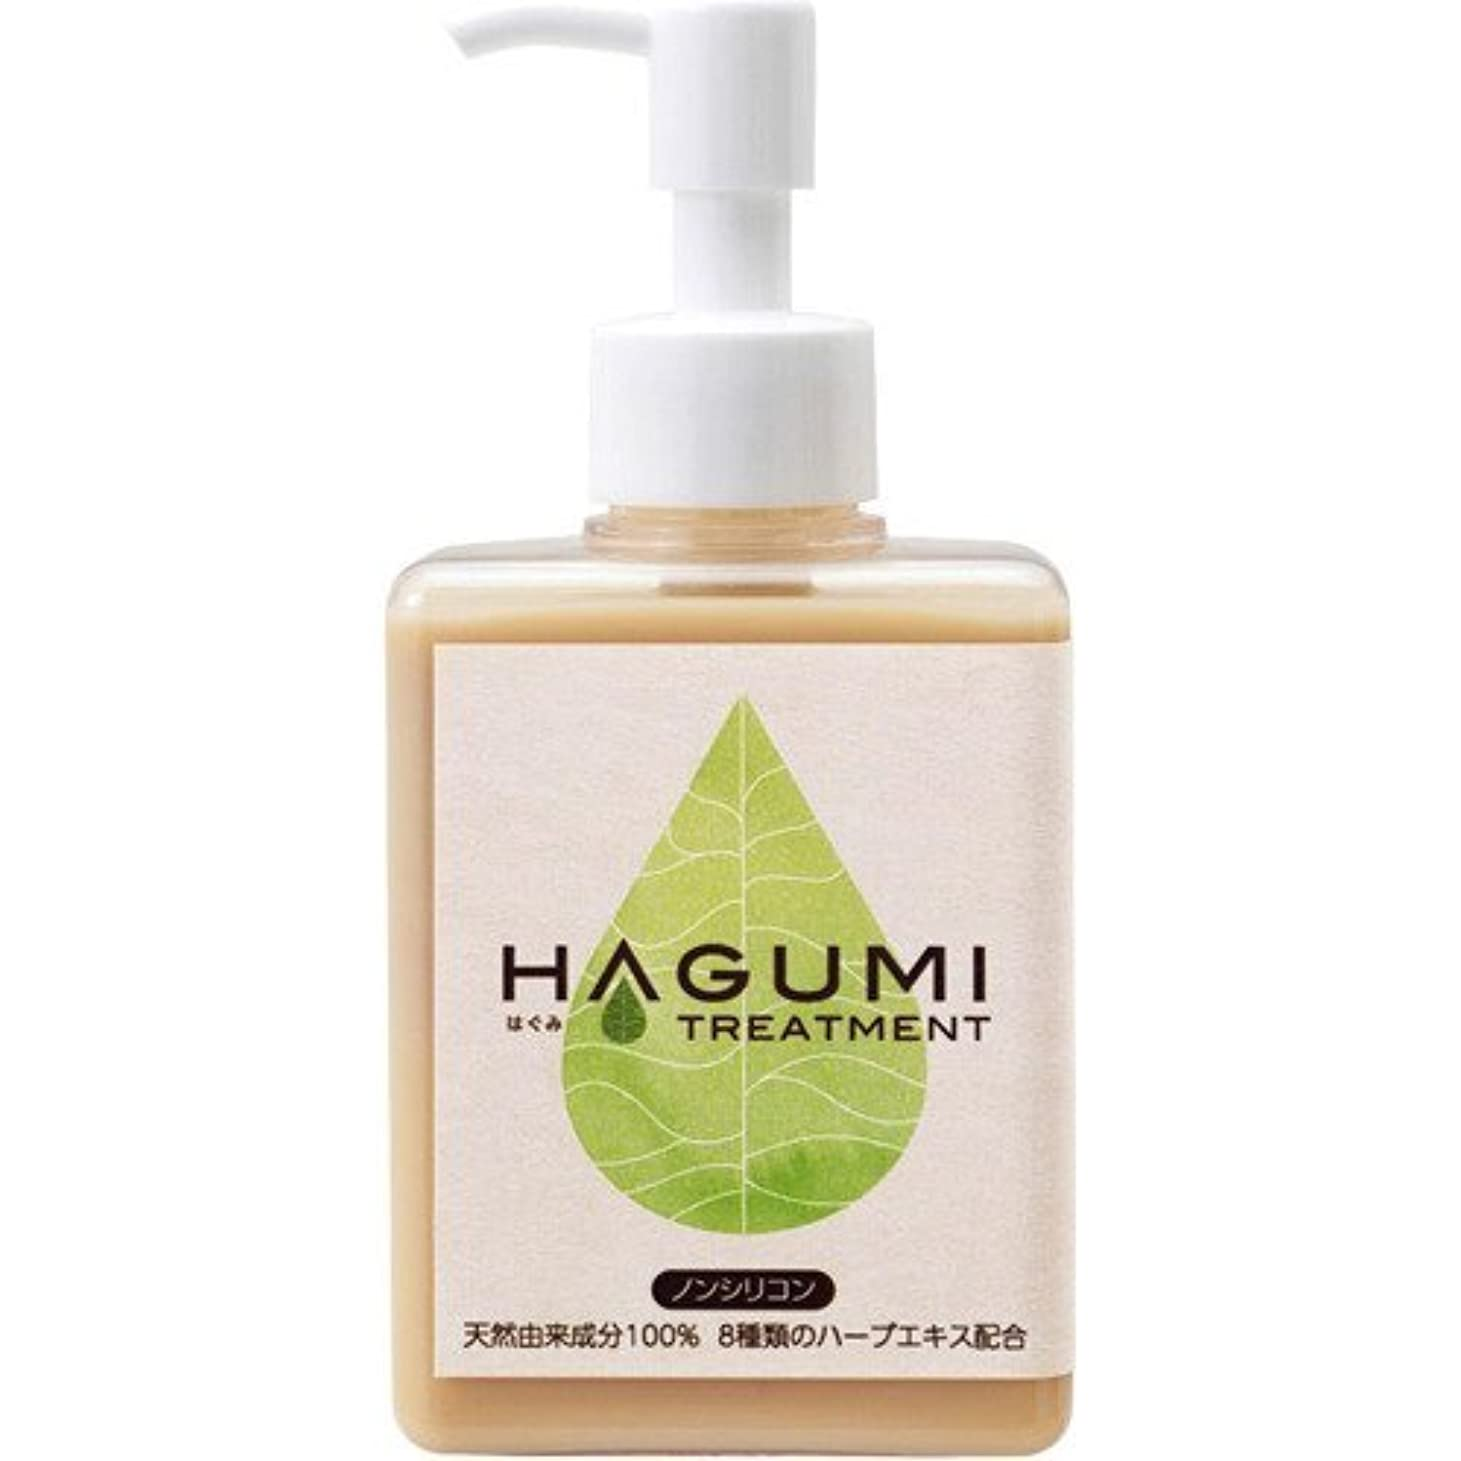 バスト疫病突進HAGUMI(ハグミ) トリートメント 200ml